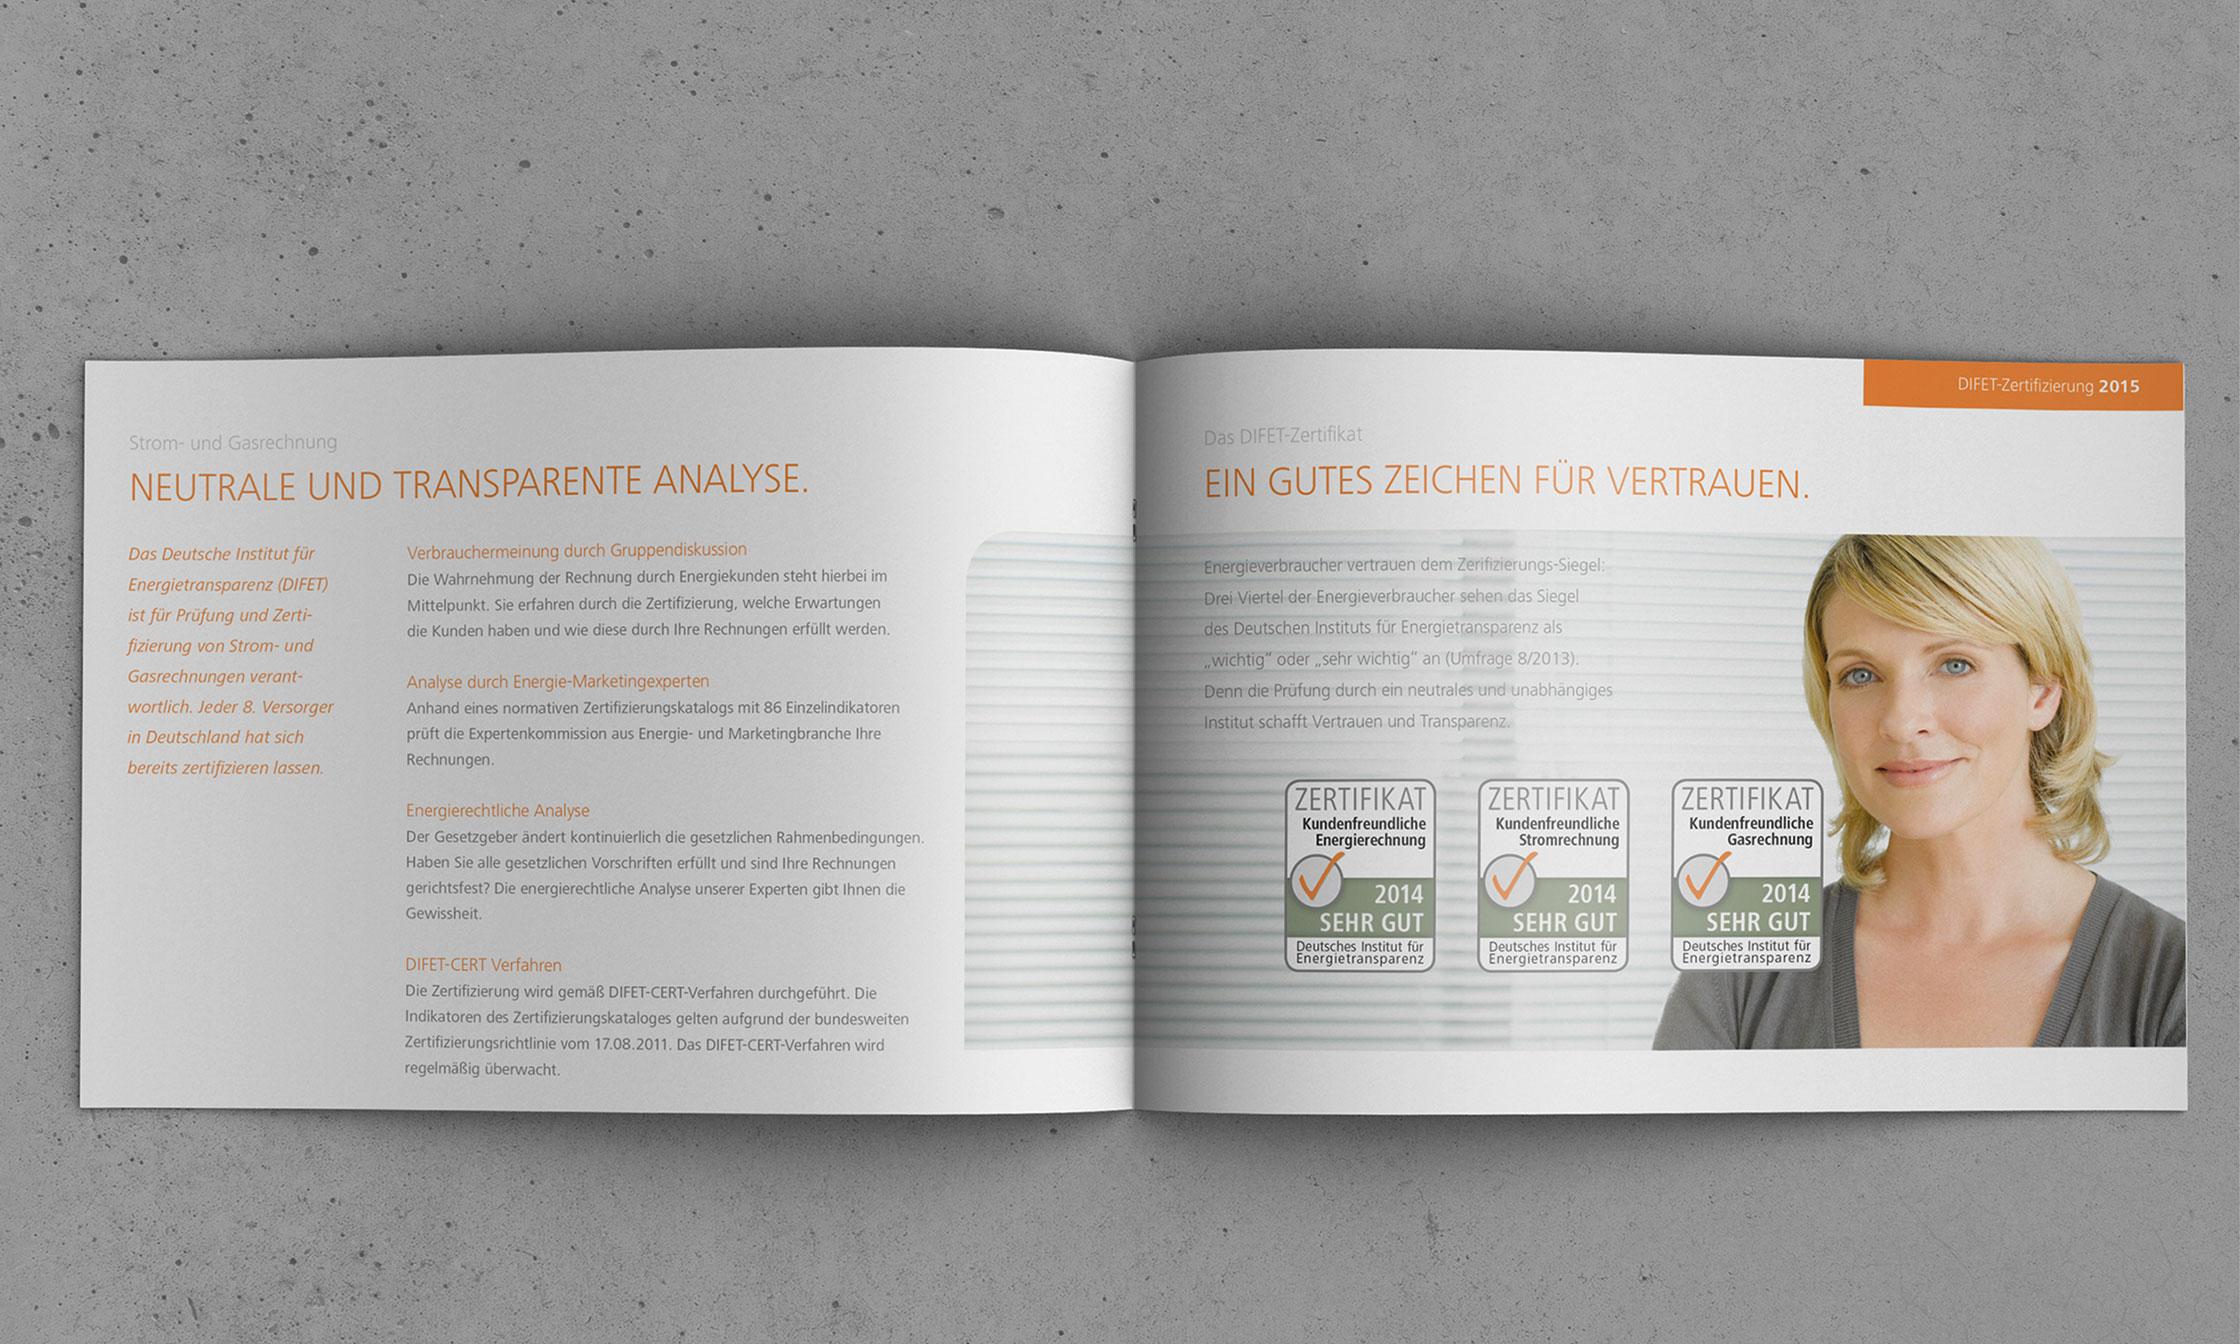 Unternehmensbroschüre © drehphase brand & design communication, Florian Dreher